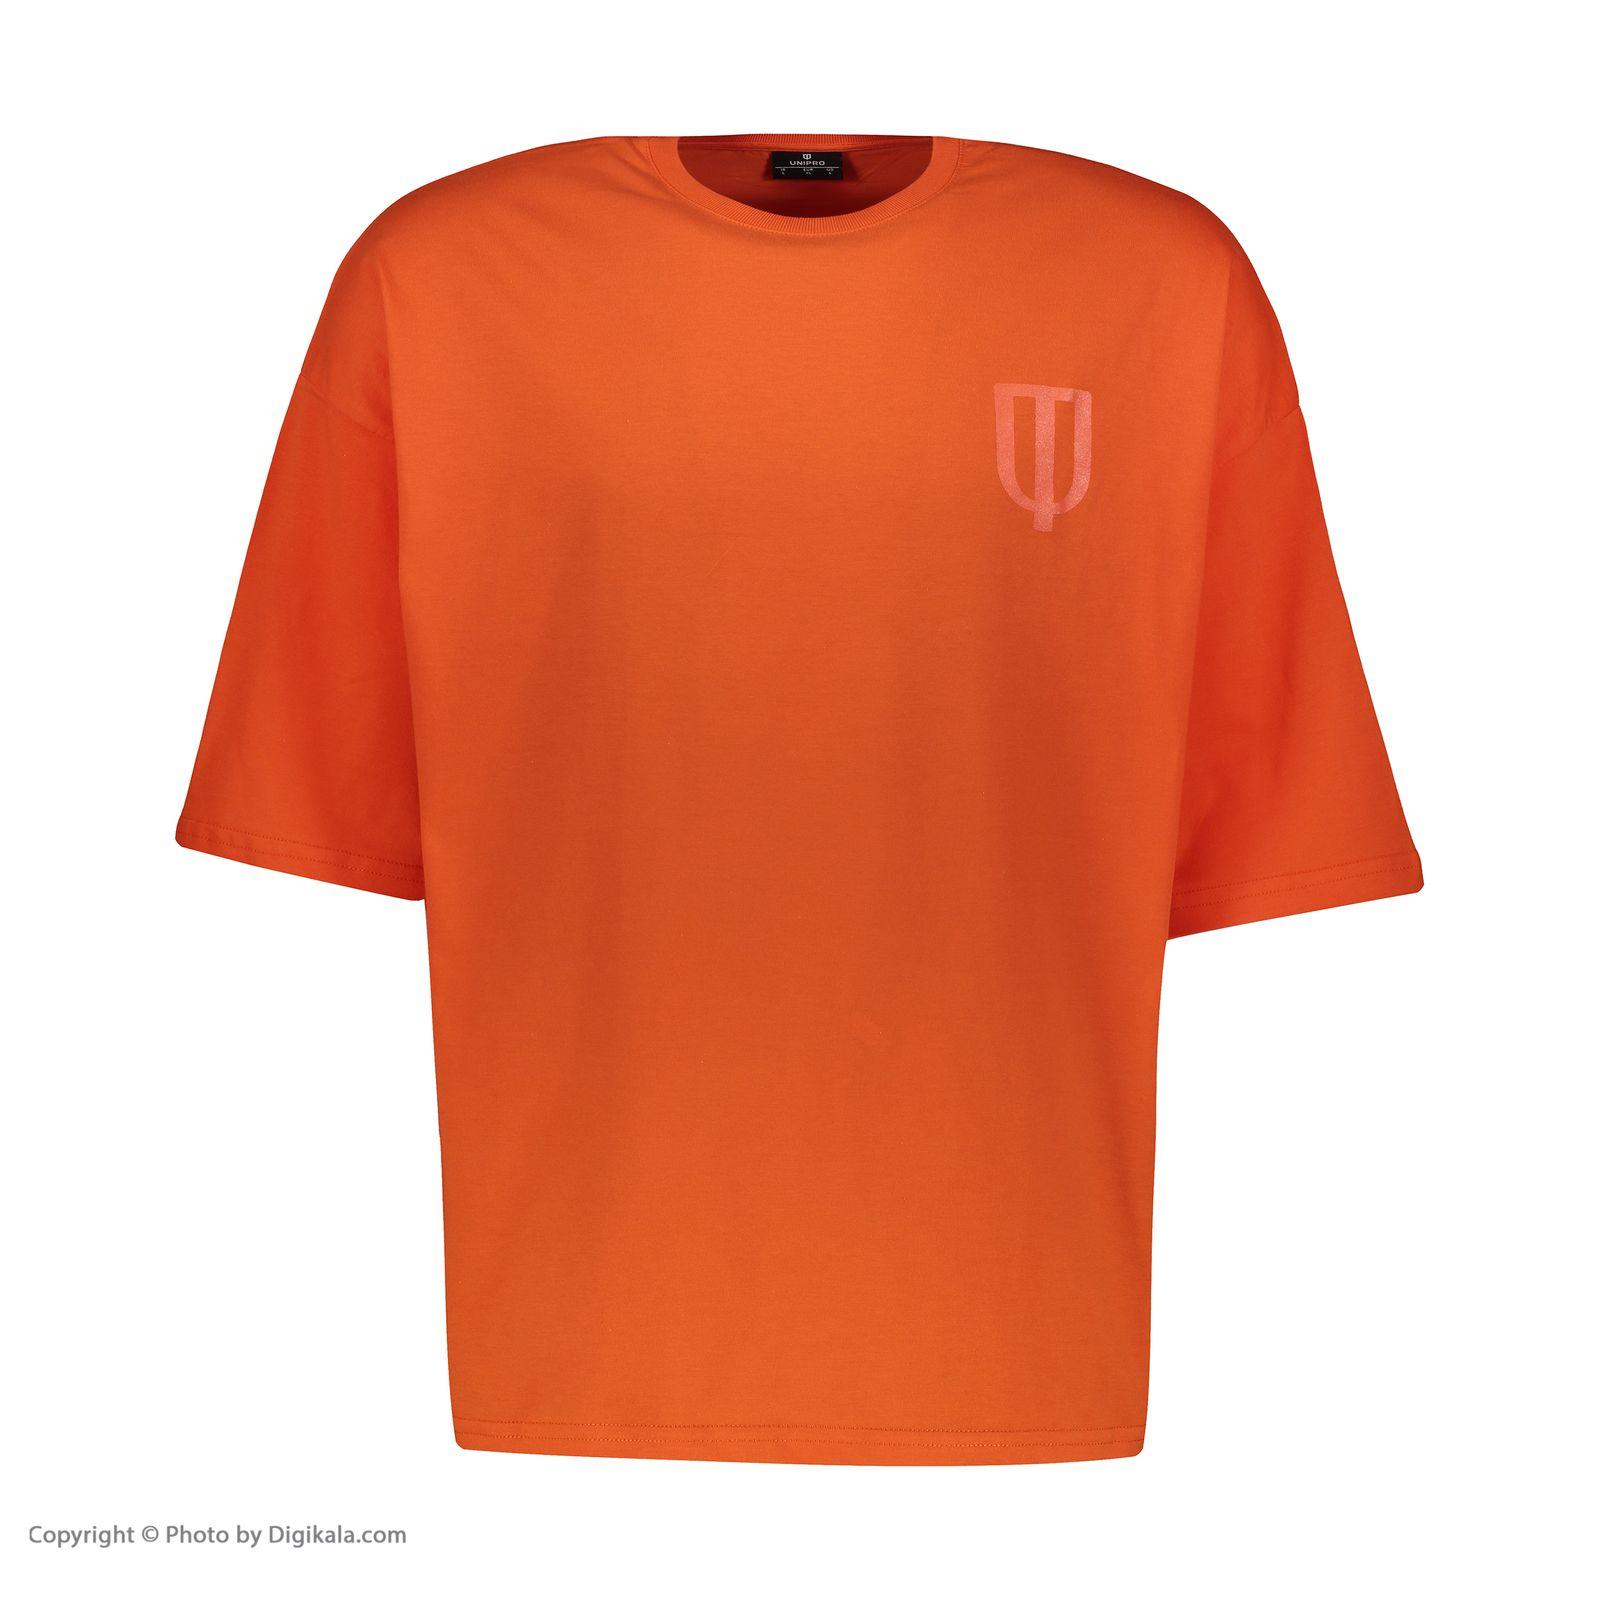 تی شرت ورزشی مردانه یونی پرو مدل 911119303-30 -  - 2